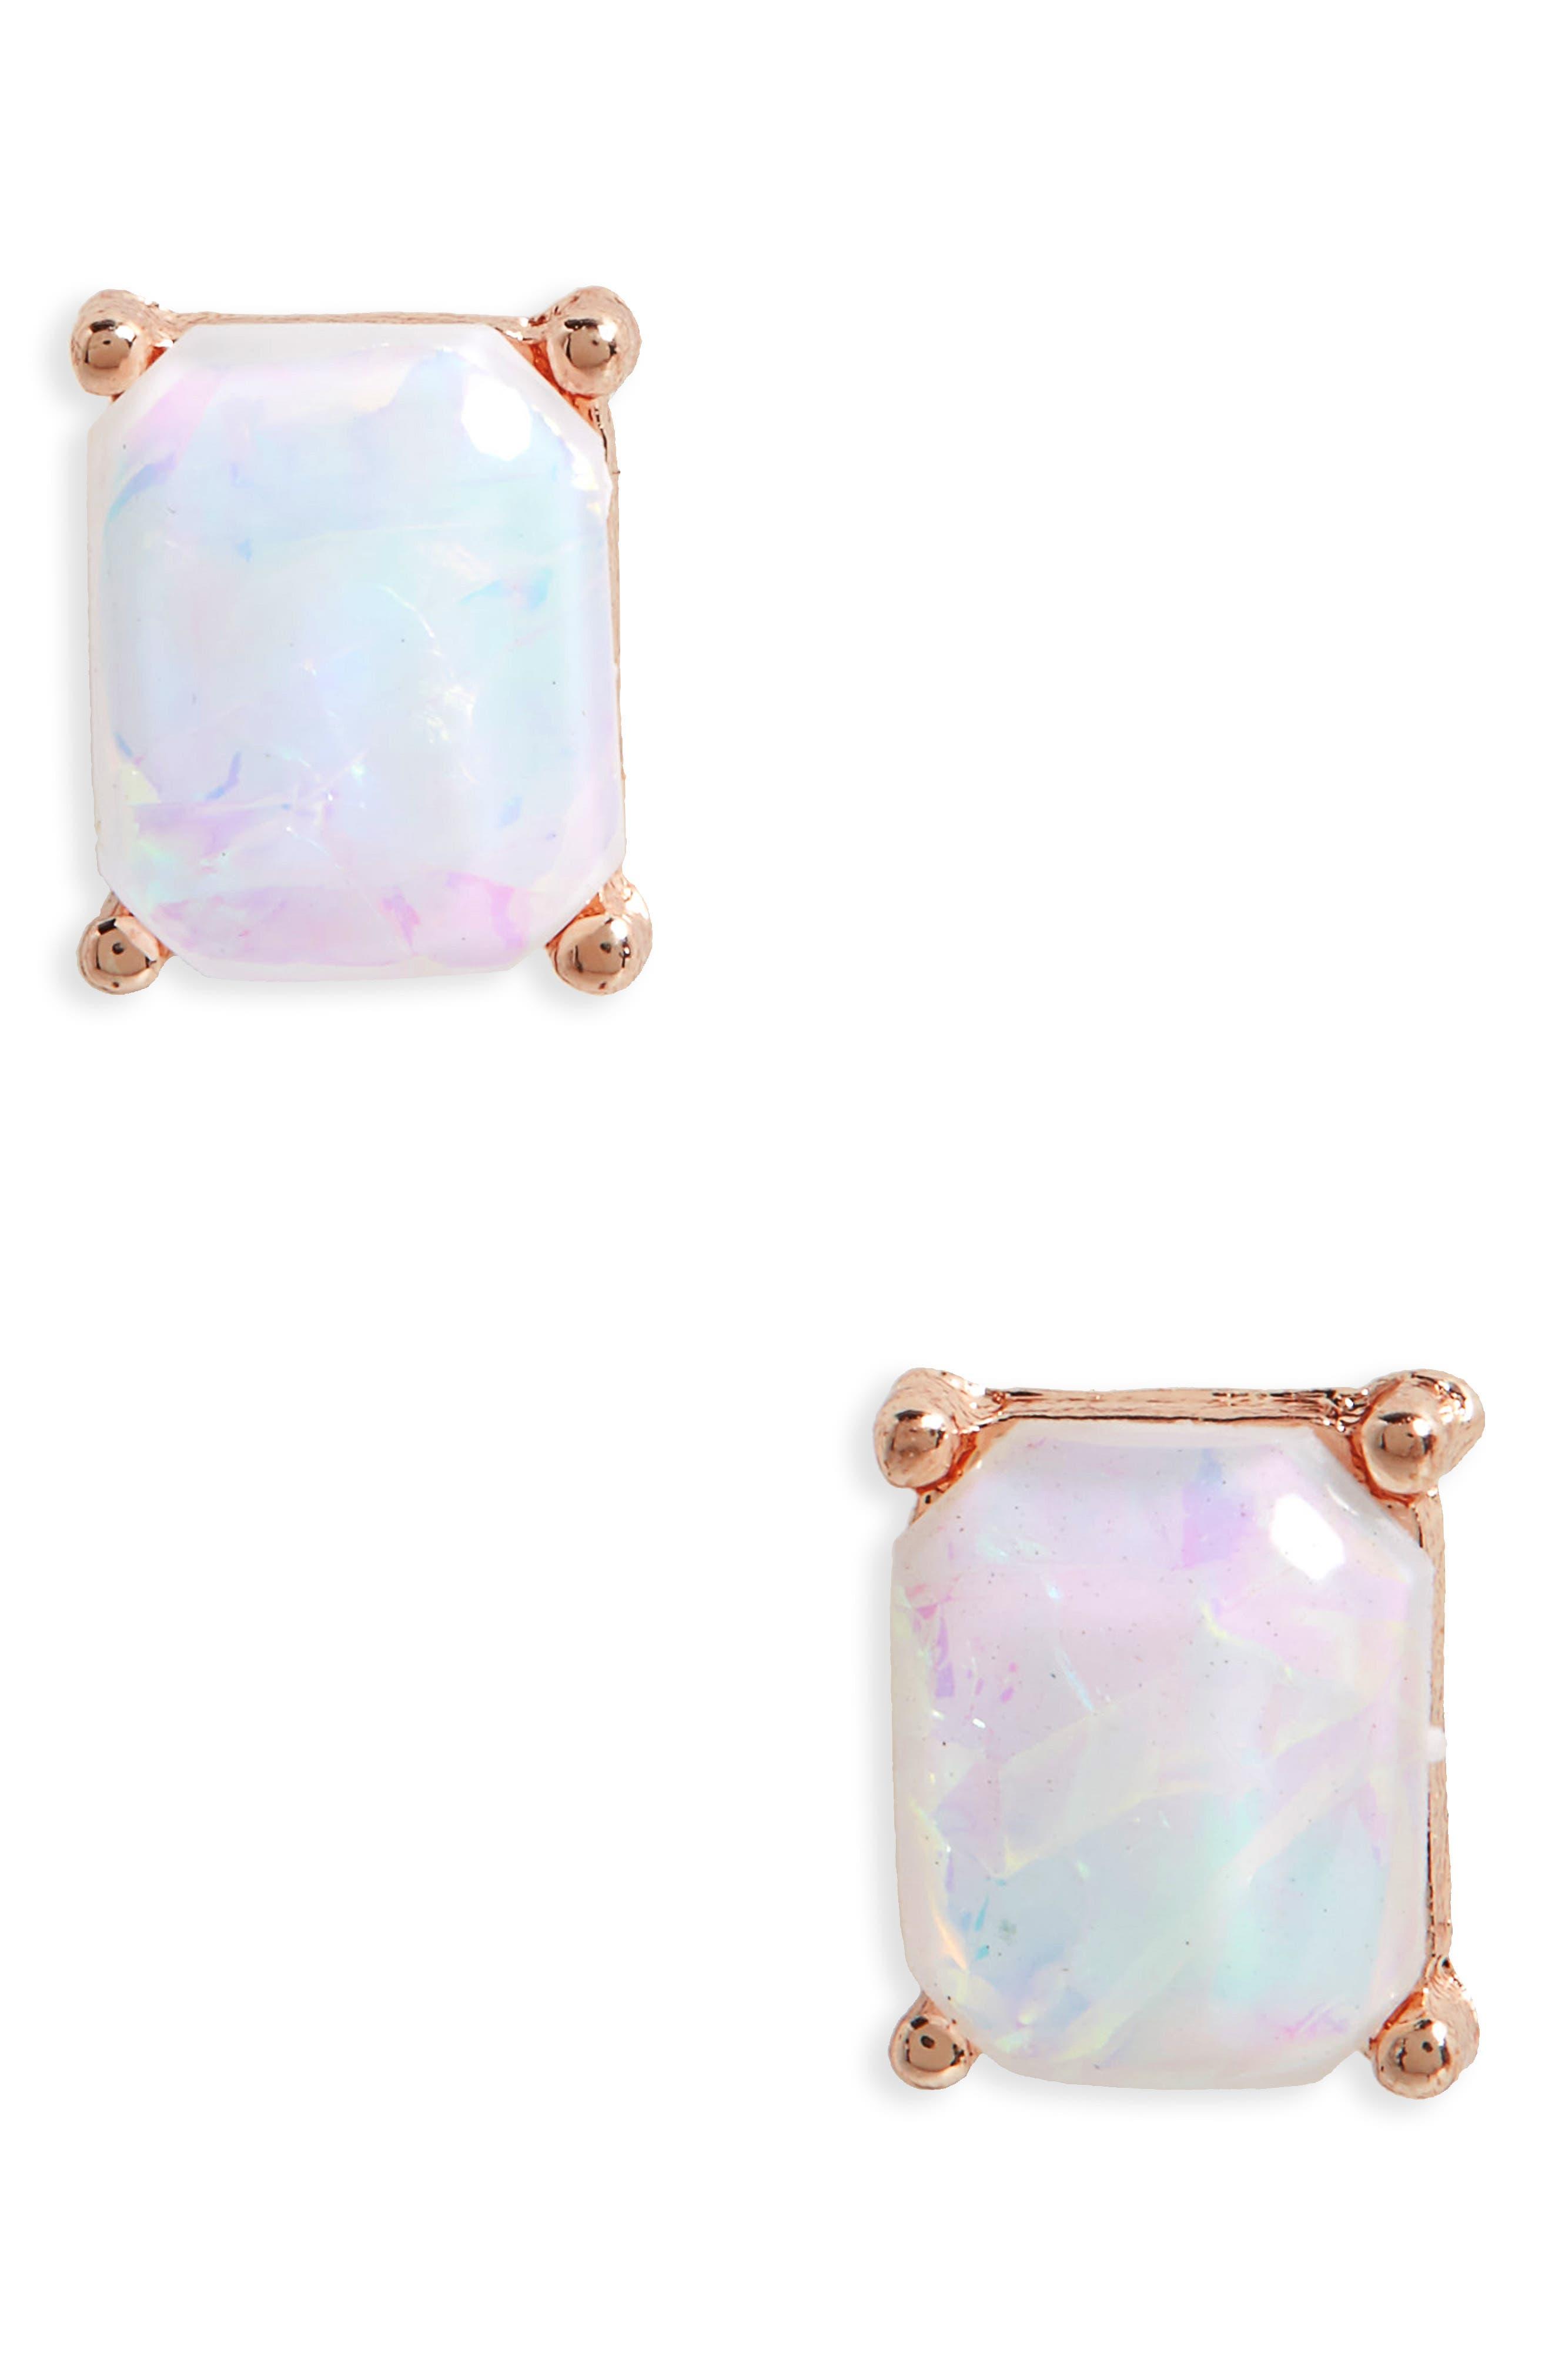 Faux Opal Stud Earrings,                             Main thumbnail 1, color,                             710